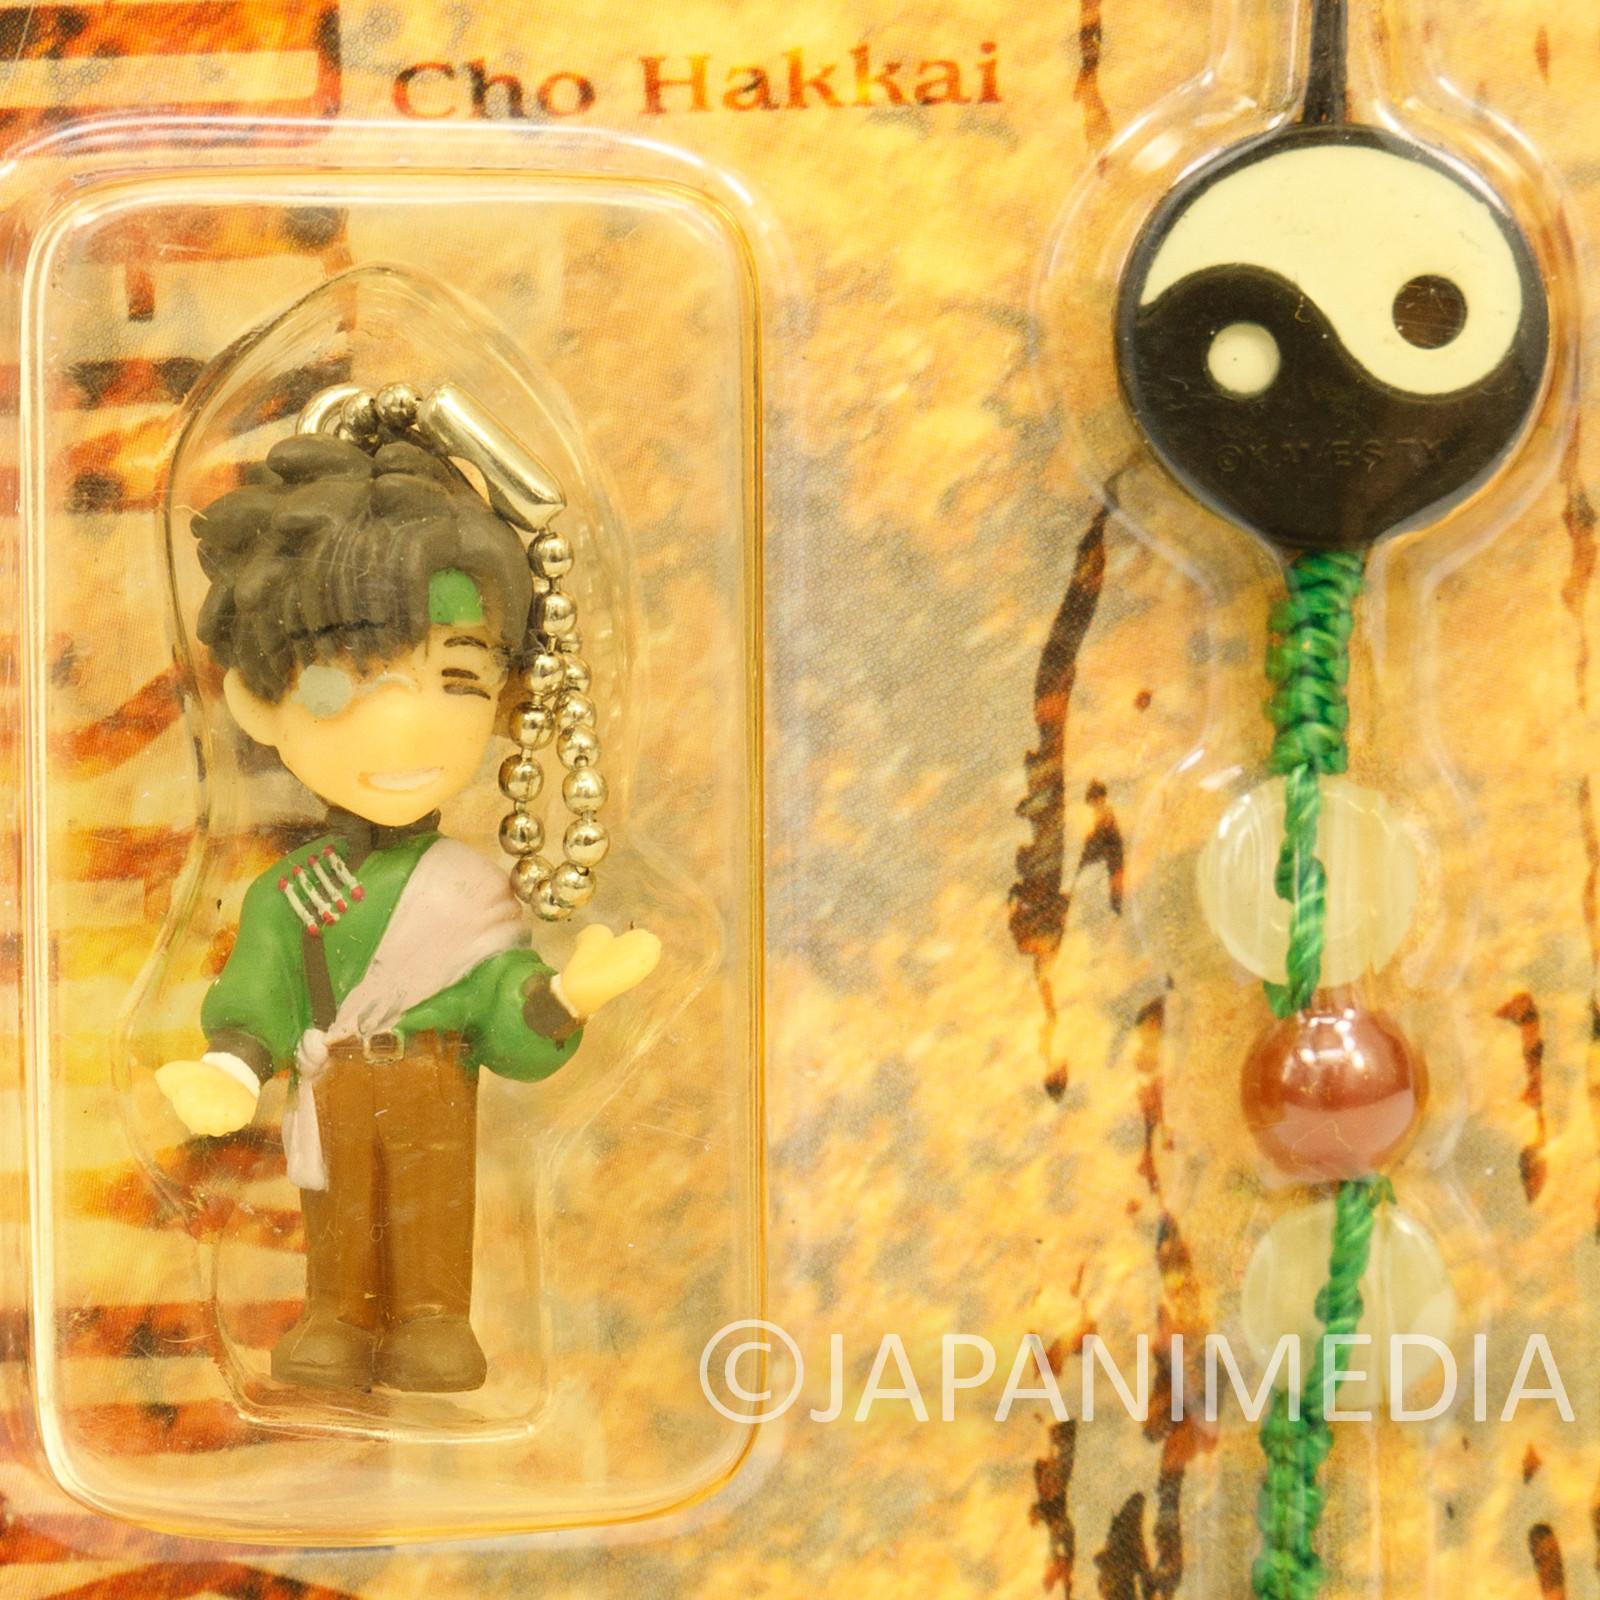 Gensomaden SAIYUKI Cho Hakkai Mascot Figure Strap JAPAN ANIME MANGA